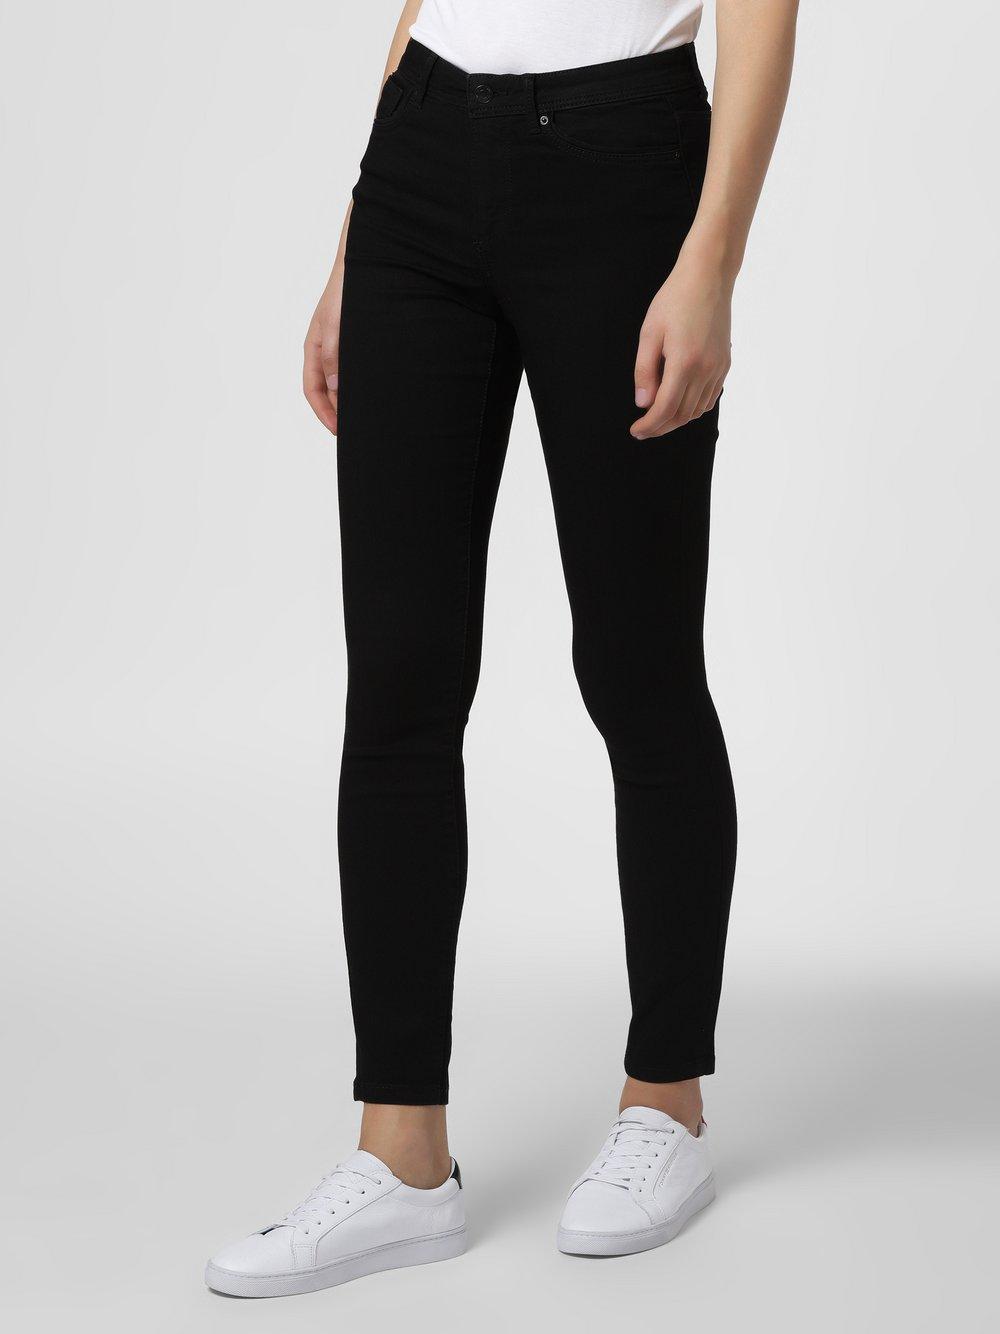 Vero Moda - Spodnie damskie – Vmtanya, czarny